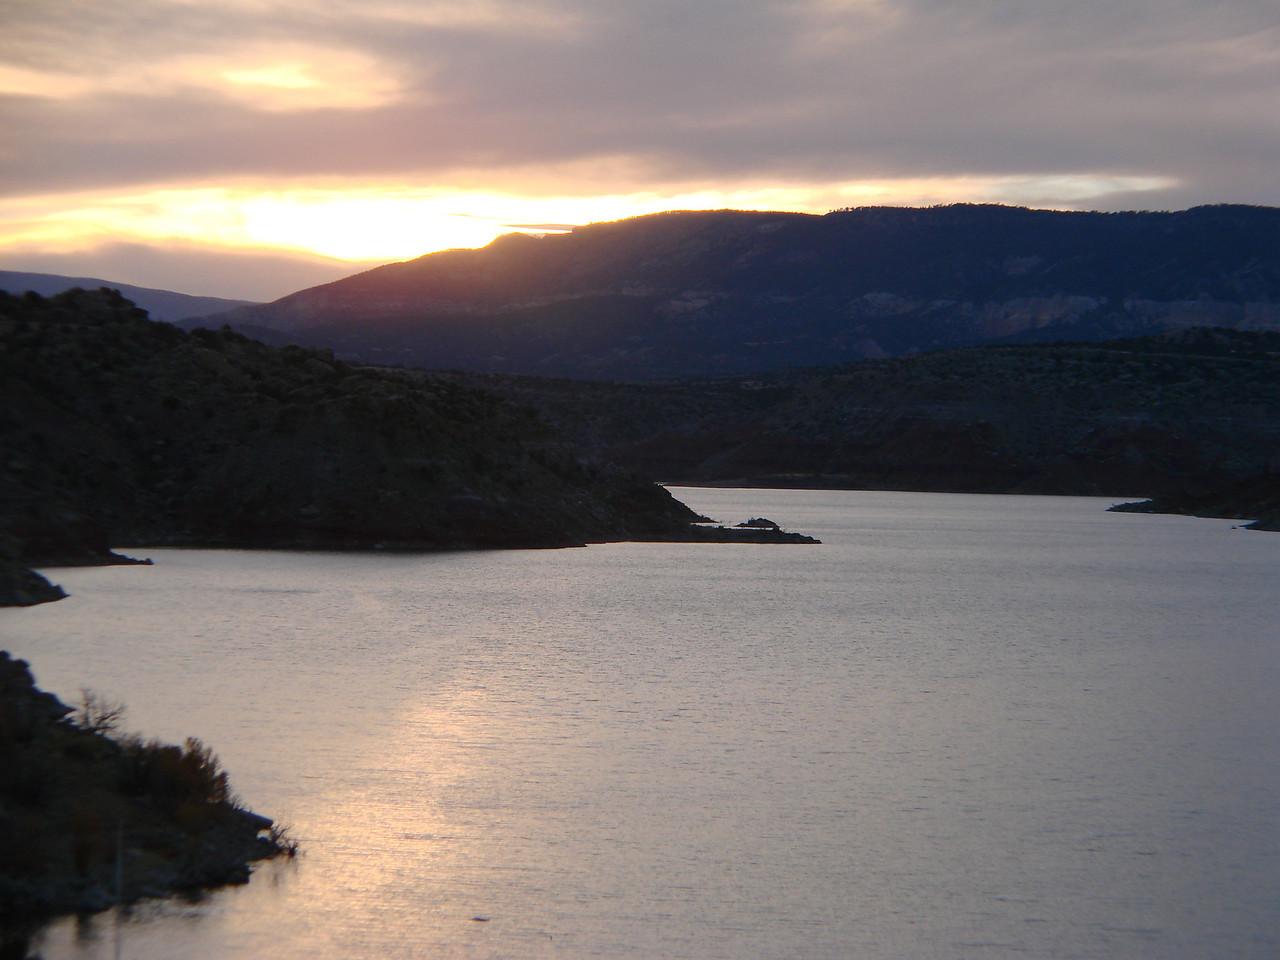 Casita del Lago, above Lake Abiquiu and Chama River, New Mexico  http://www.thecasitadellago.com/The_Casita_del_Lago/Home.html